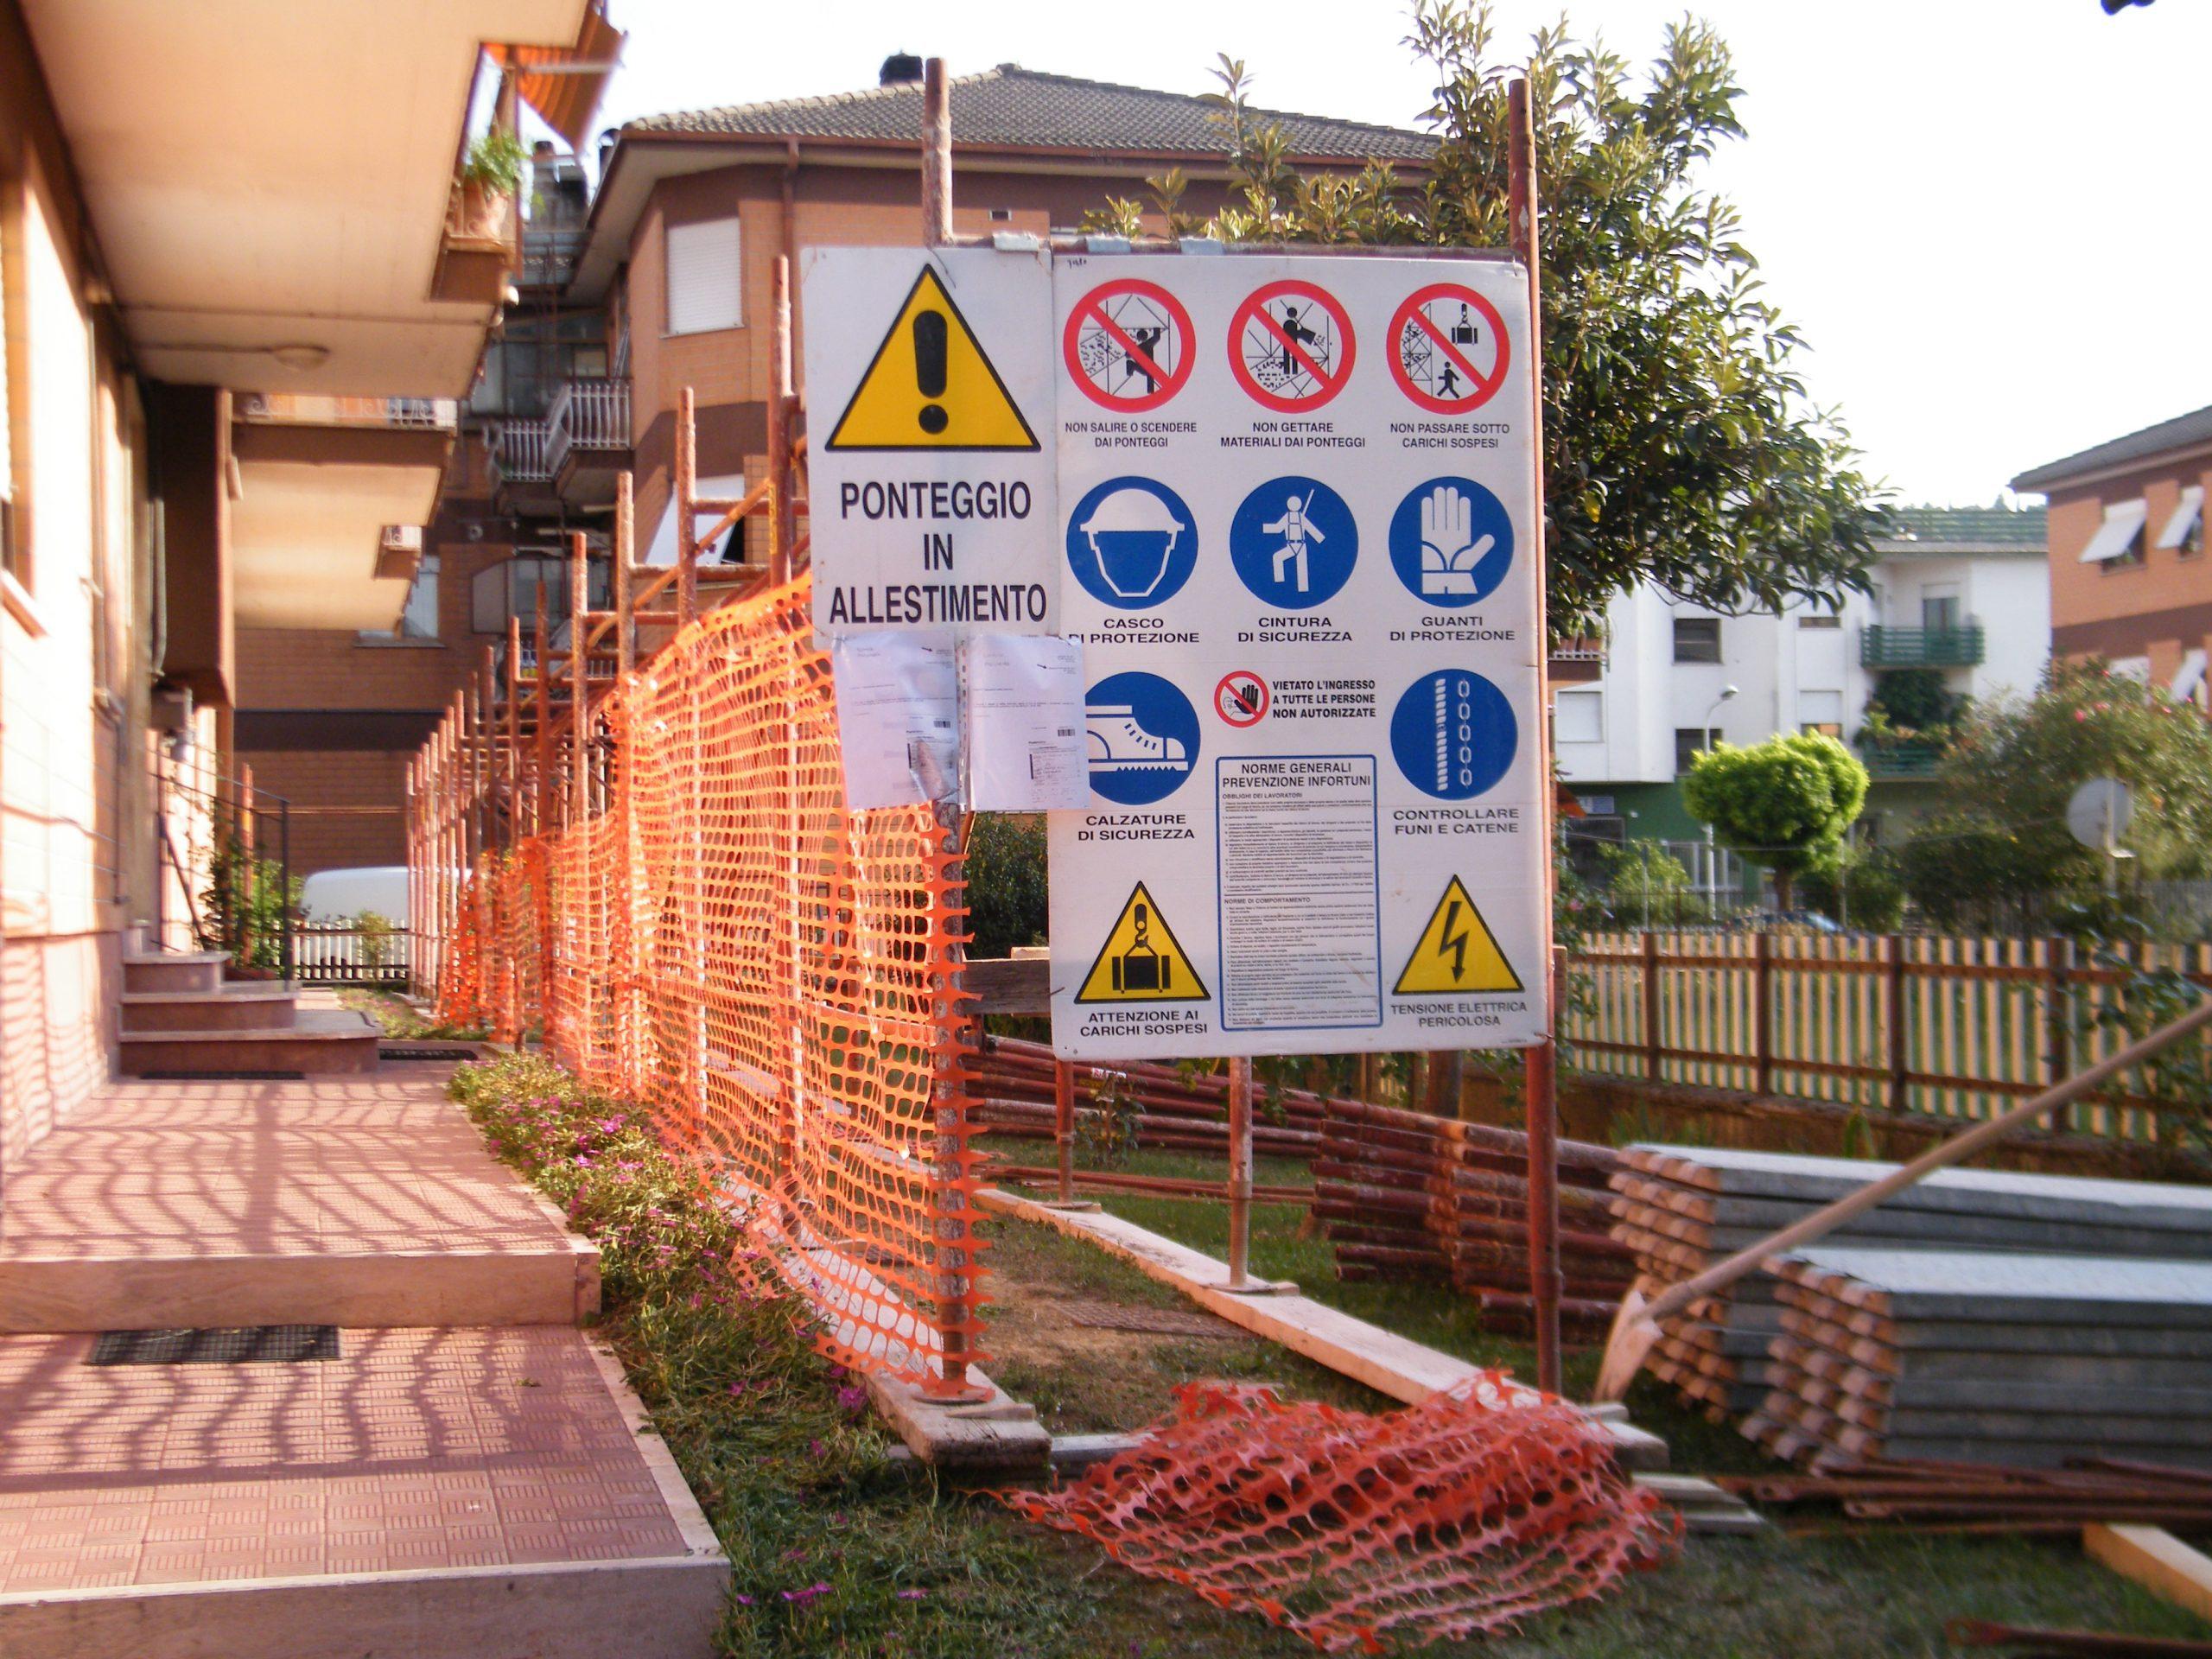 Manutenzione straordinaria della copertura del condominio di Via San Martino Civ.8, 02100 Rieti